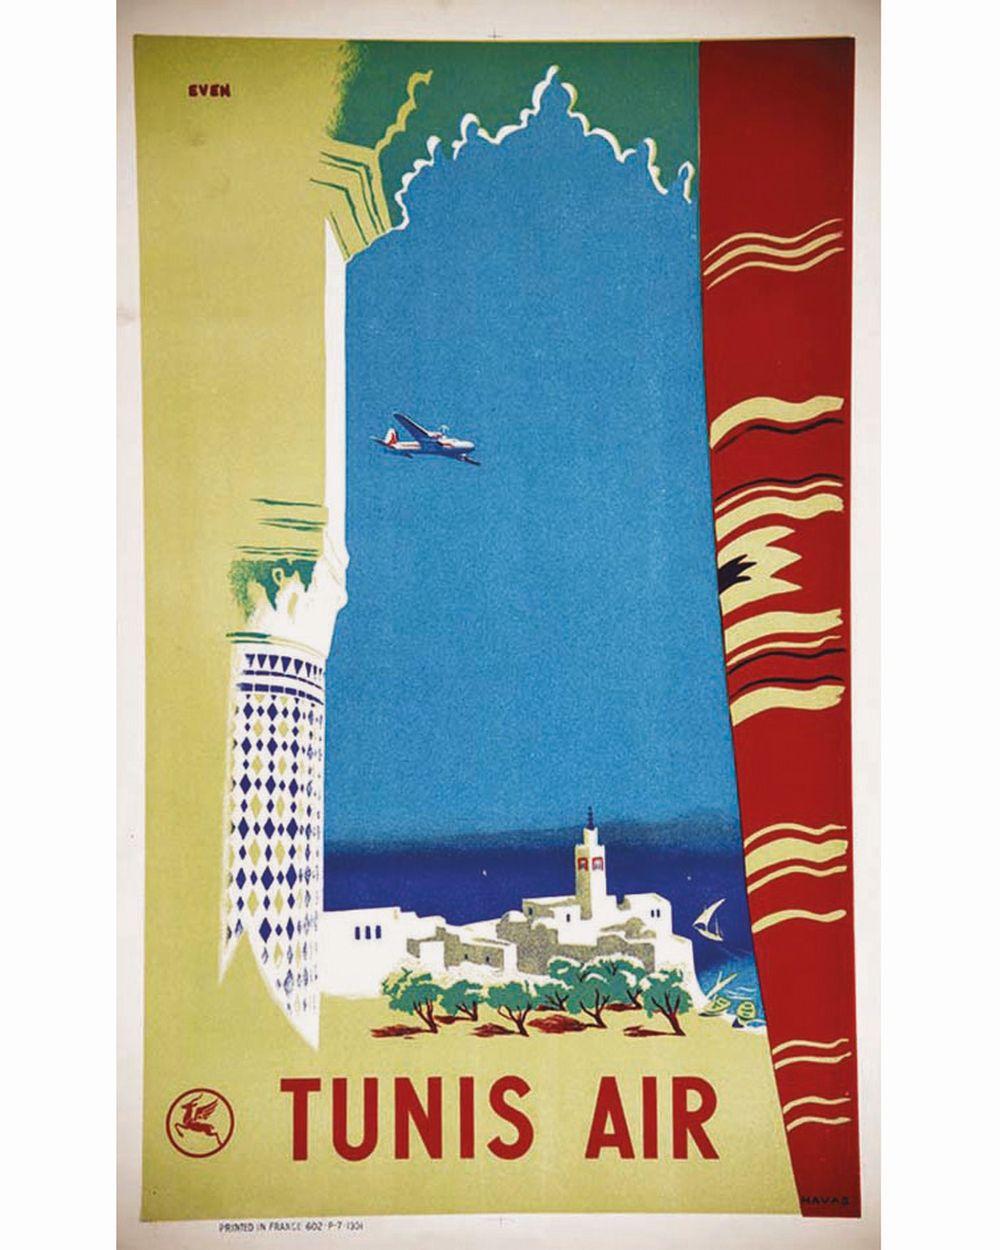 EVEN - Tunis Air Air France     1951